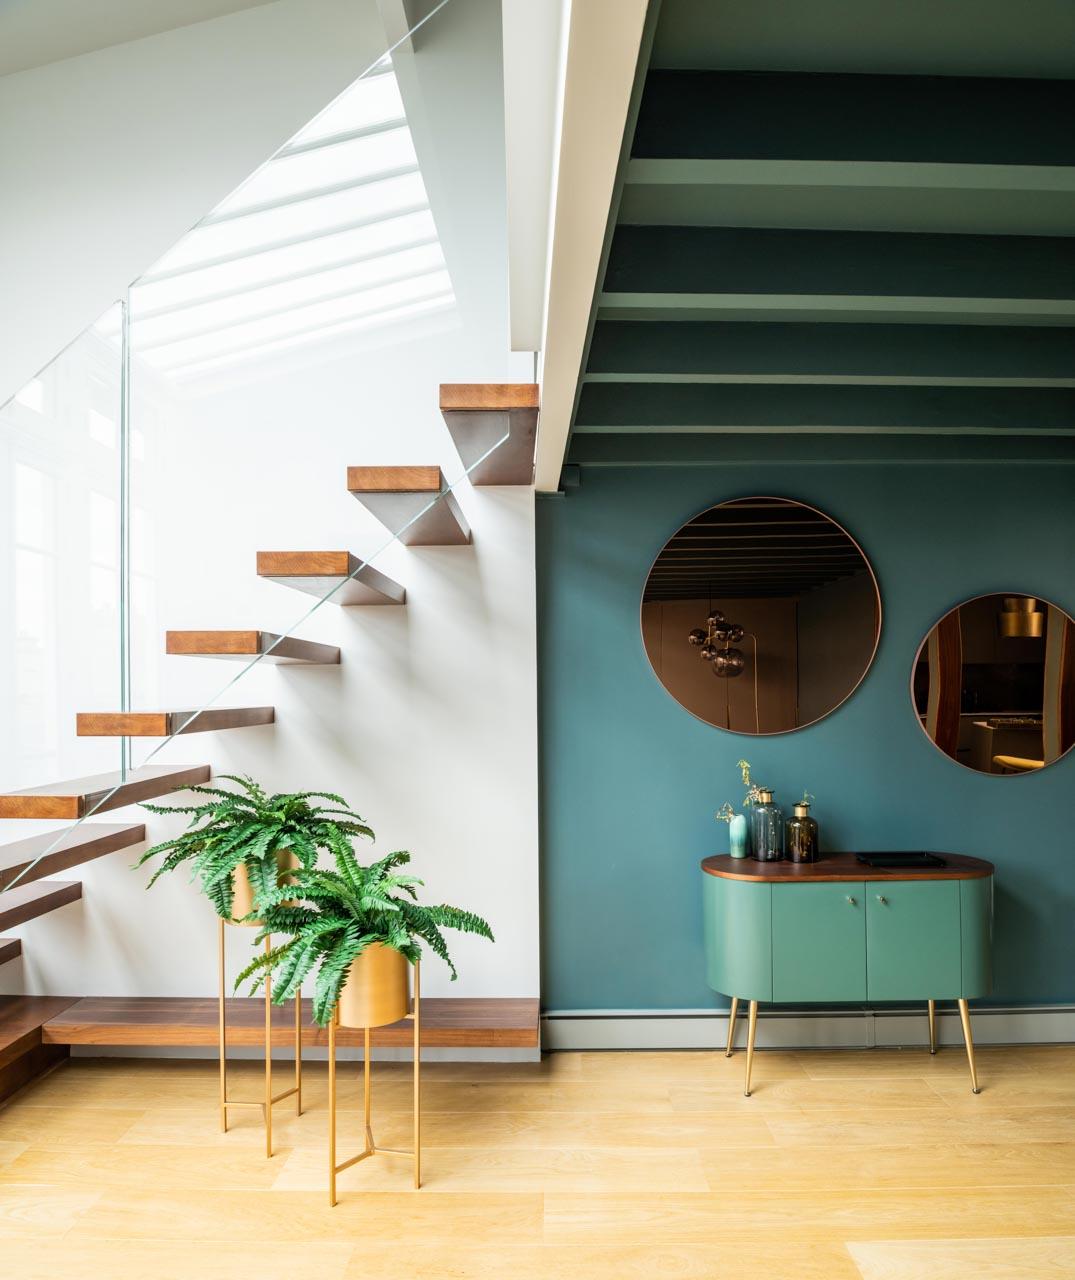 un escalier et une commode avec deux miroirs et des plantes dans deux caches-pots